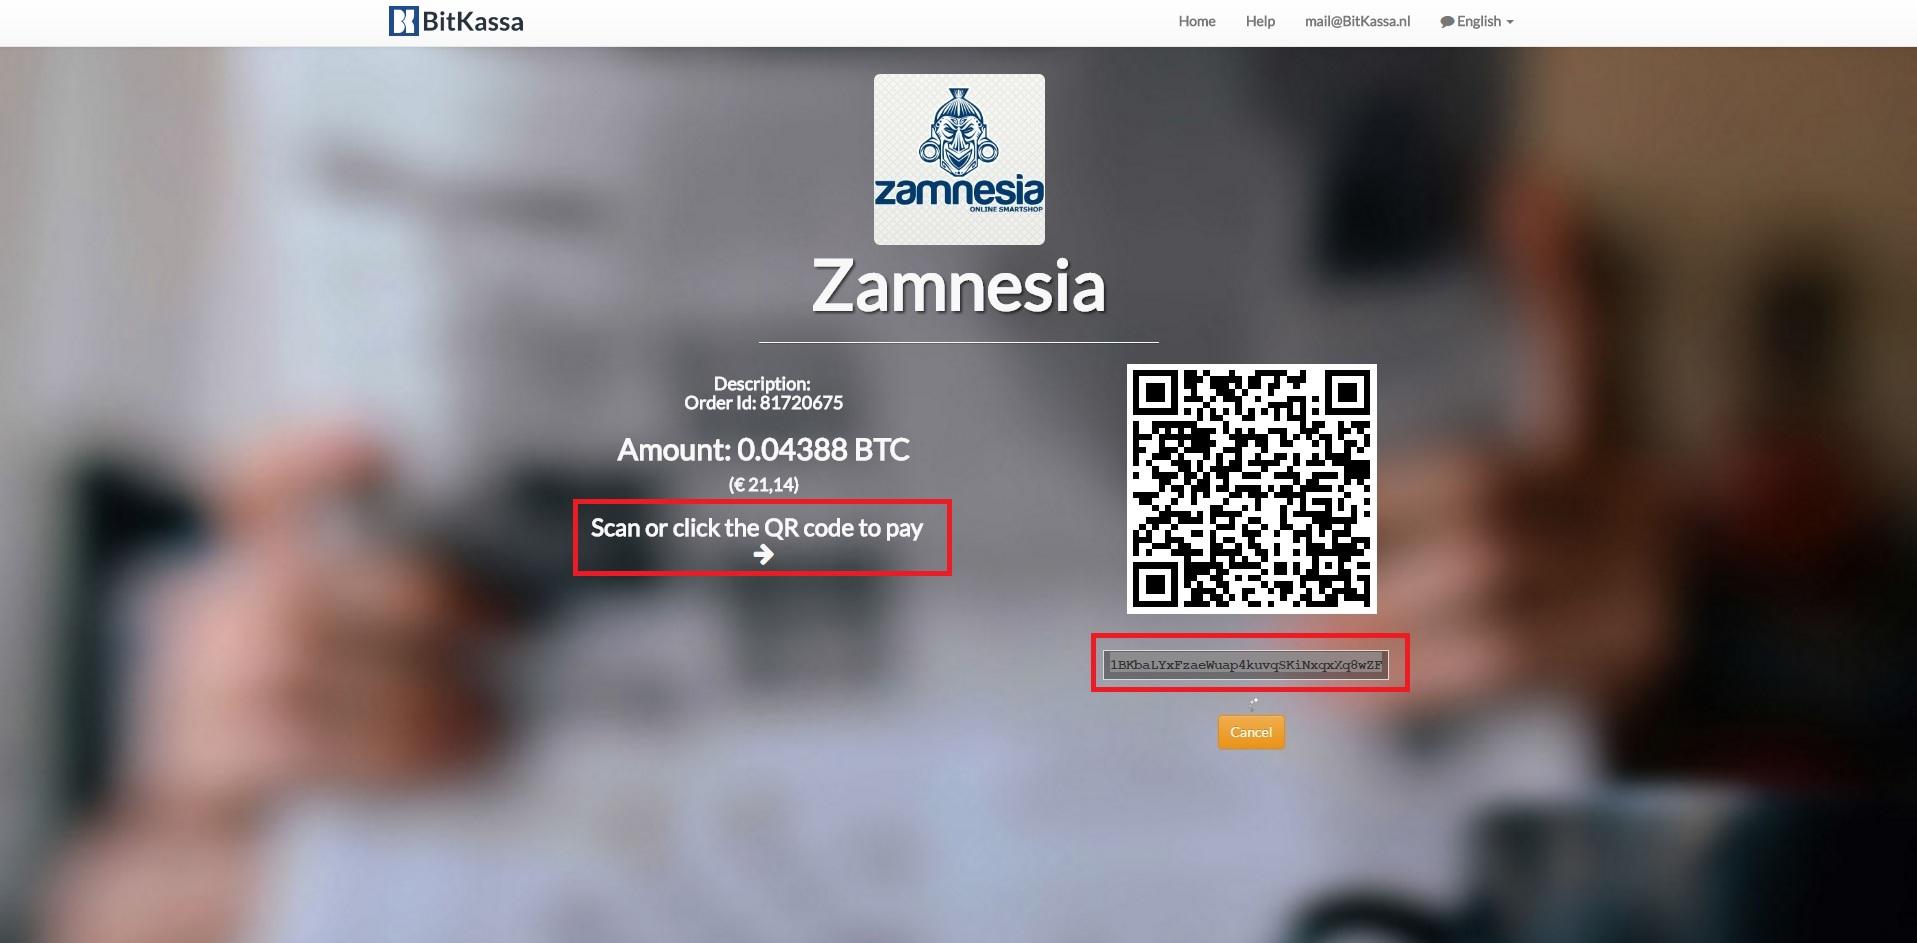 Bitcoin%20screen%201